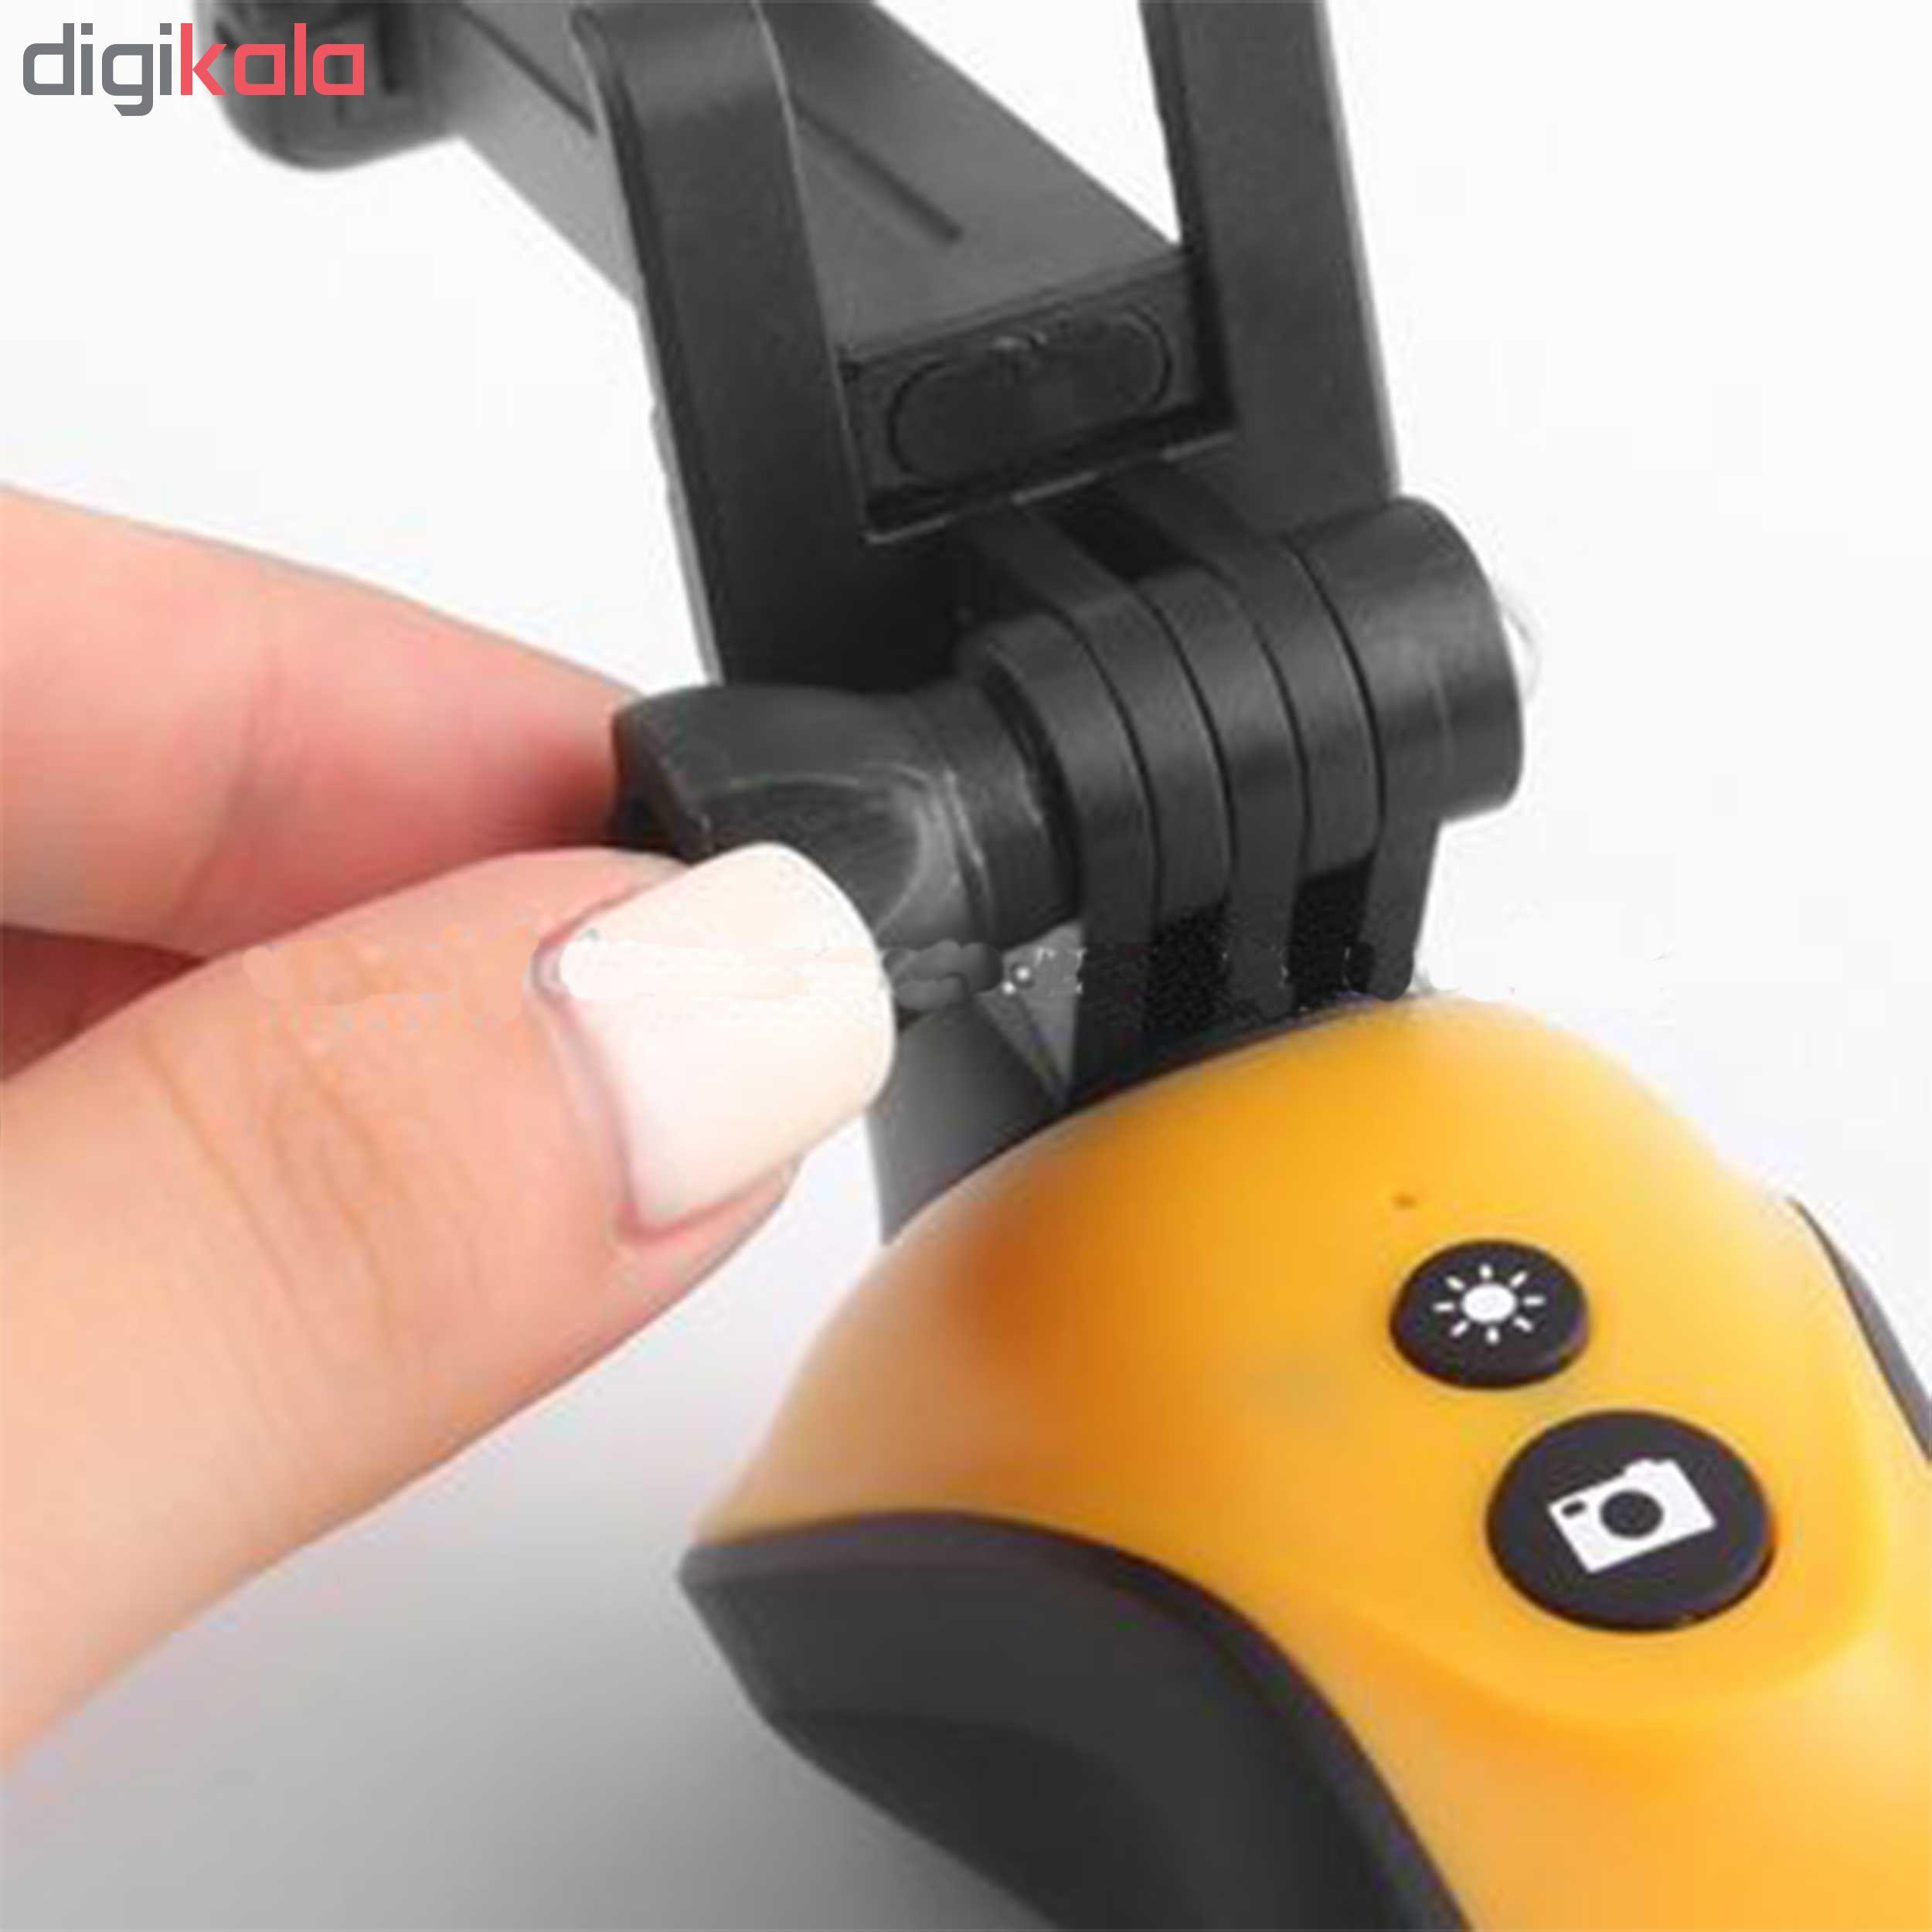 ویدیو بروسکوپ اپتیکس مدل XI8.5-1m WiFi